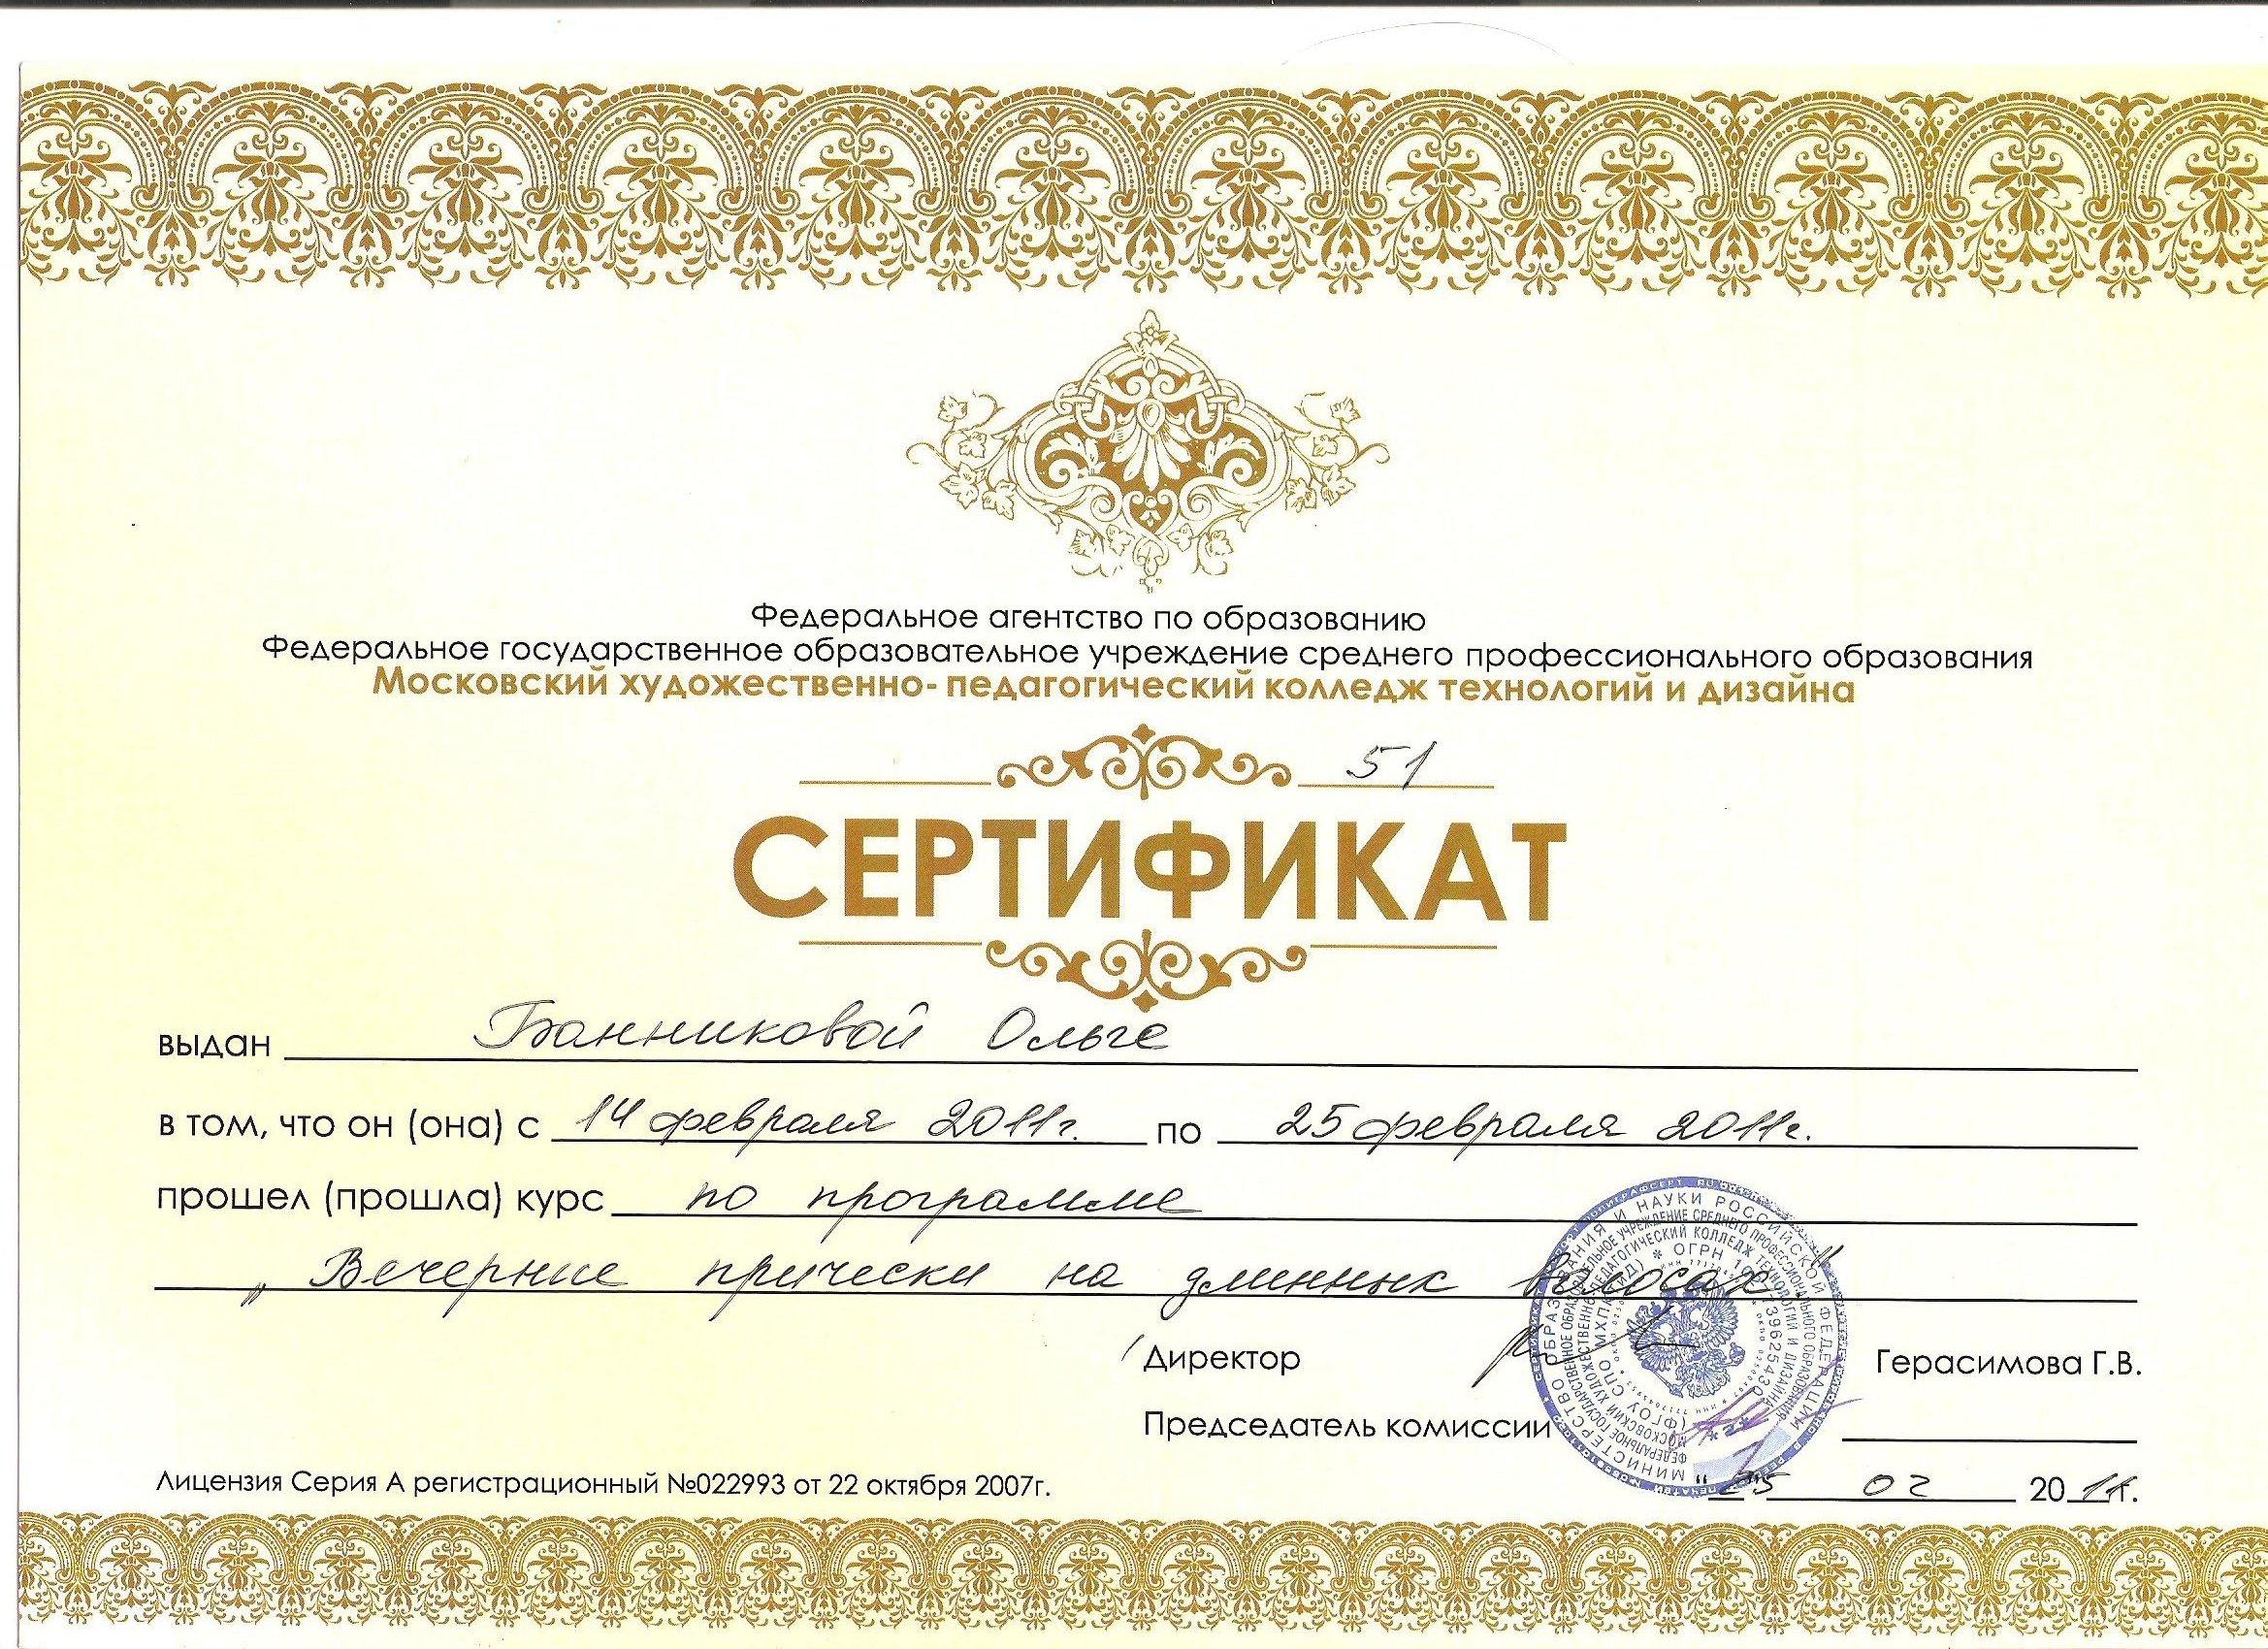 Московский педагогический колледж технологии и дизайна